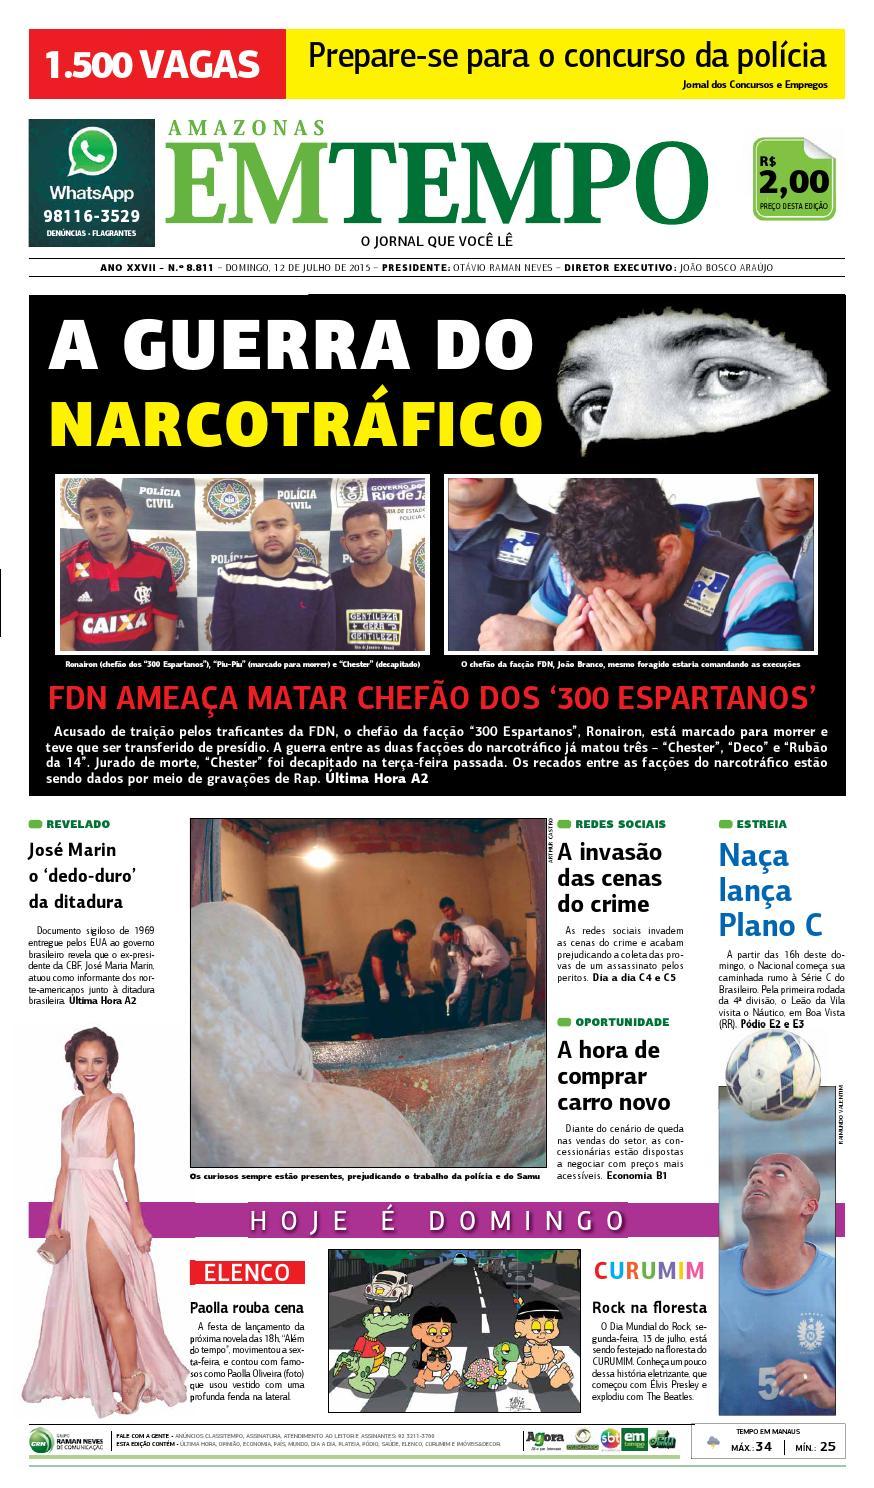 65498f6c649 EM TEMPO - 12 de julho de 2015 by Amazonas Em Tempo - issuu